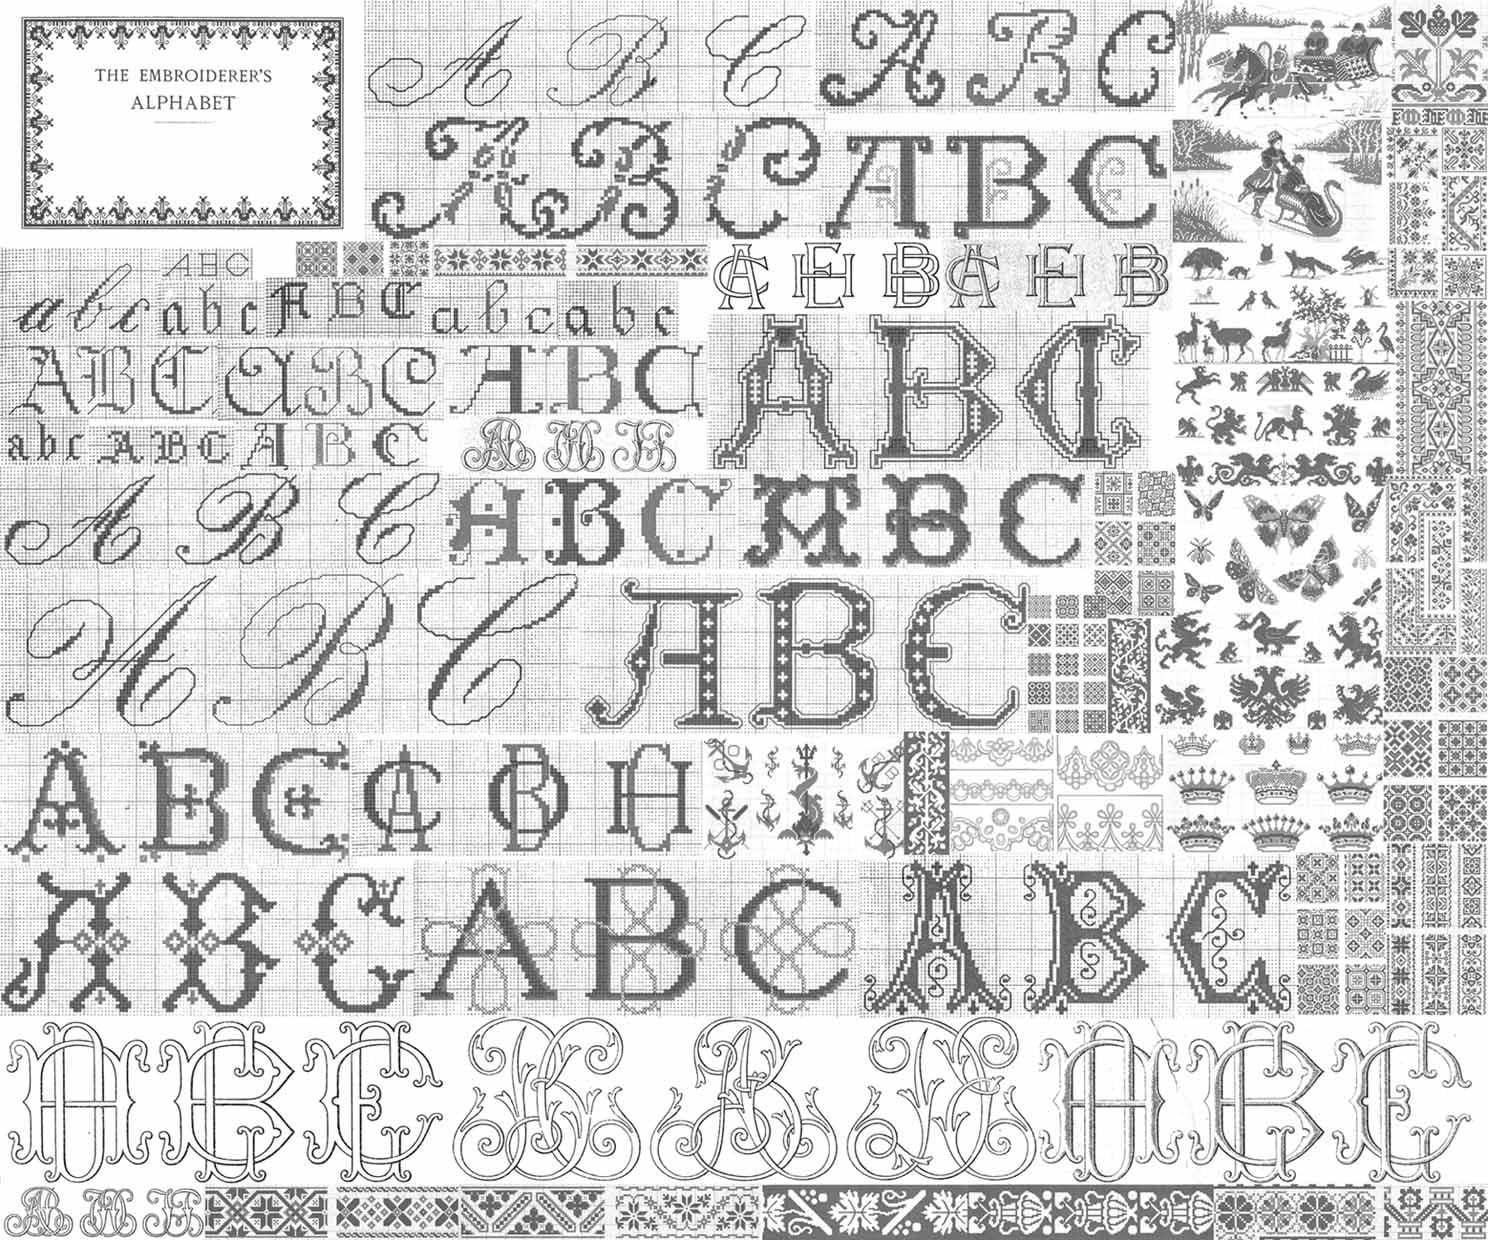 Alfabetos DIY bordada de C1900 DMC bordado libro patrones del | Etsy